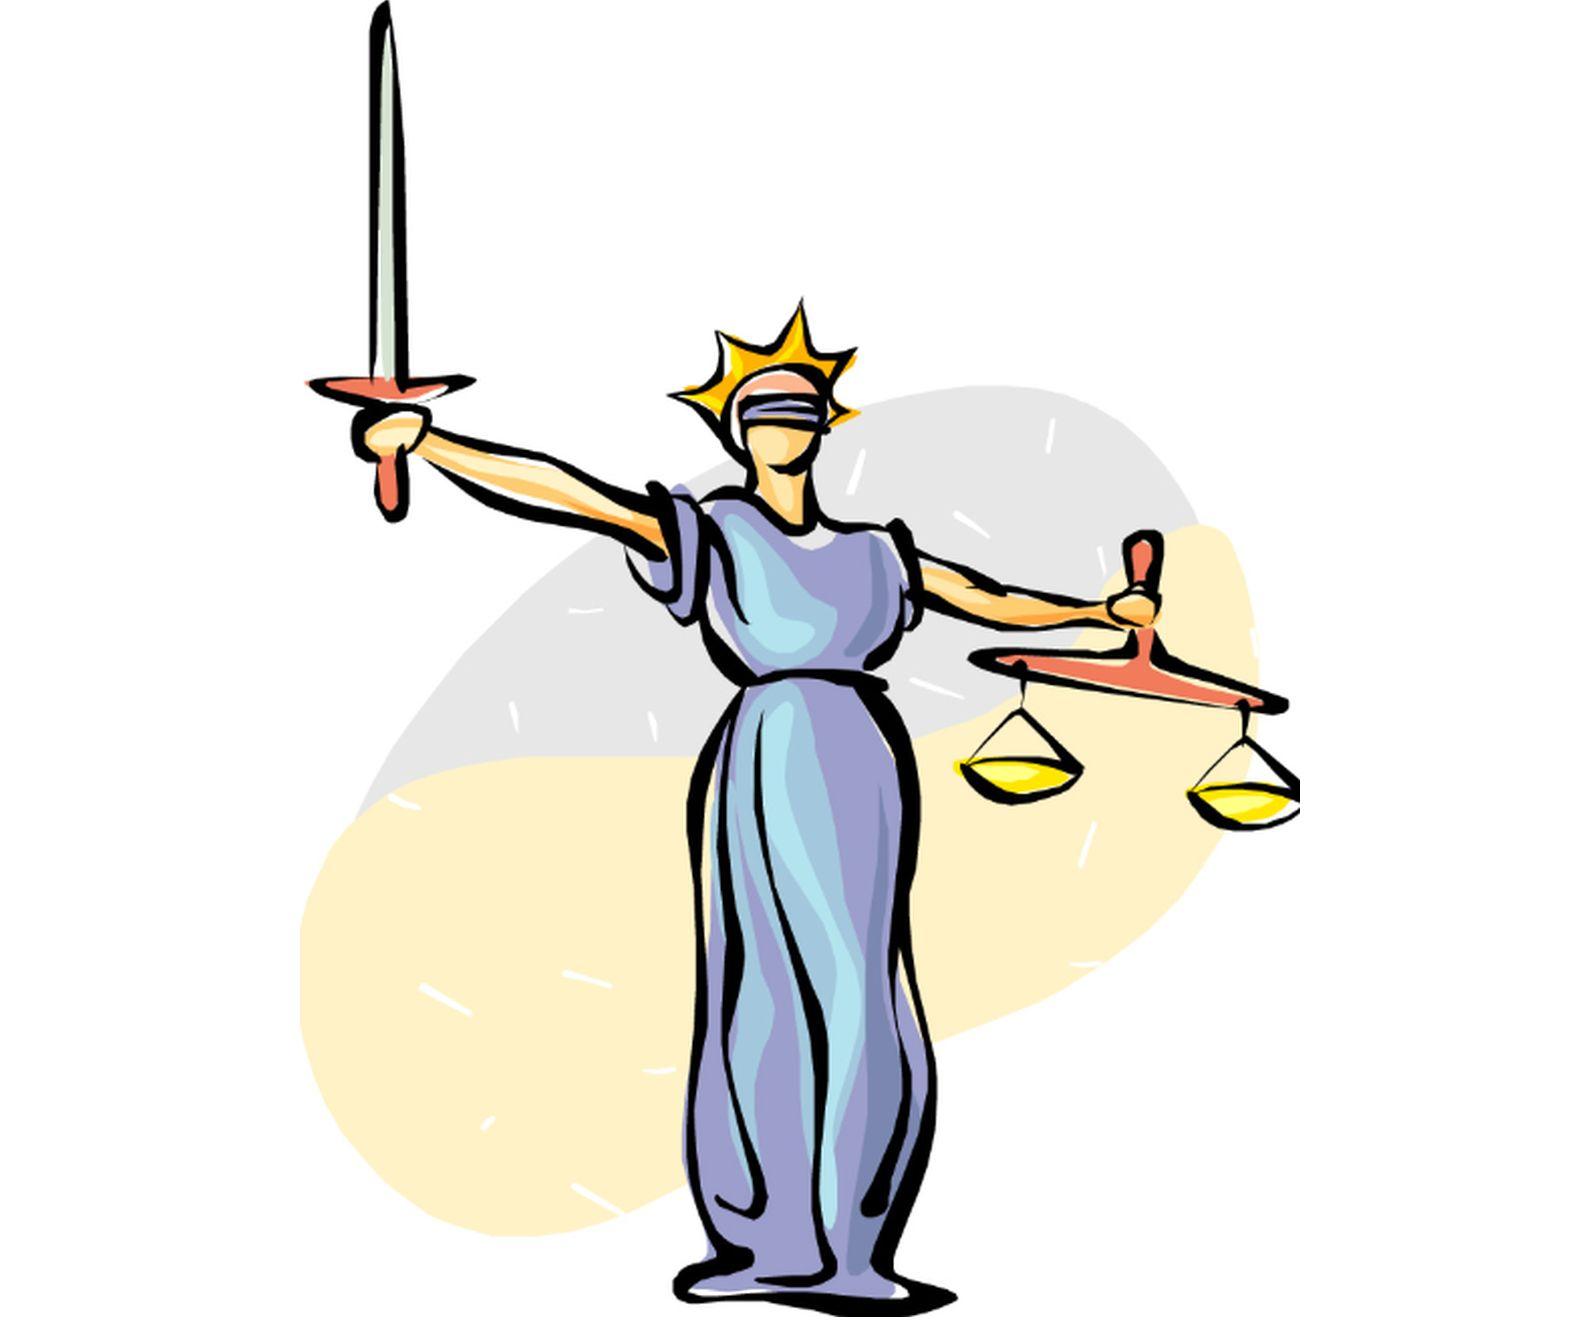 Diversion program clipart picture freeuse Stoneman Douglas Commission: Restorative Justice, Diversion Program ... picture freeuse